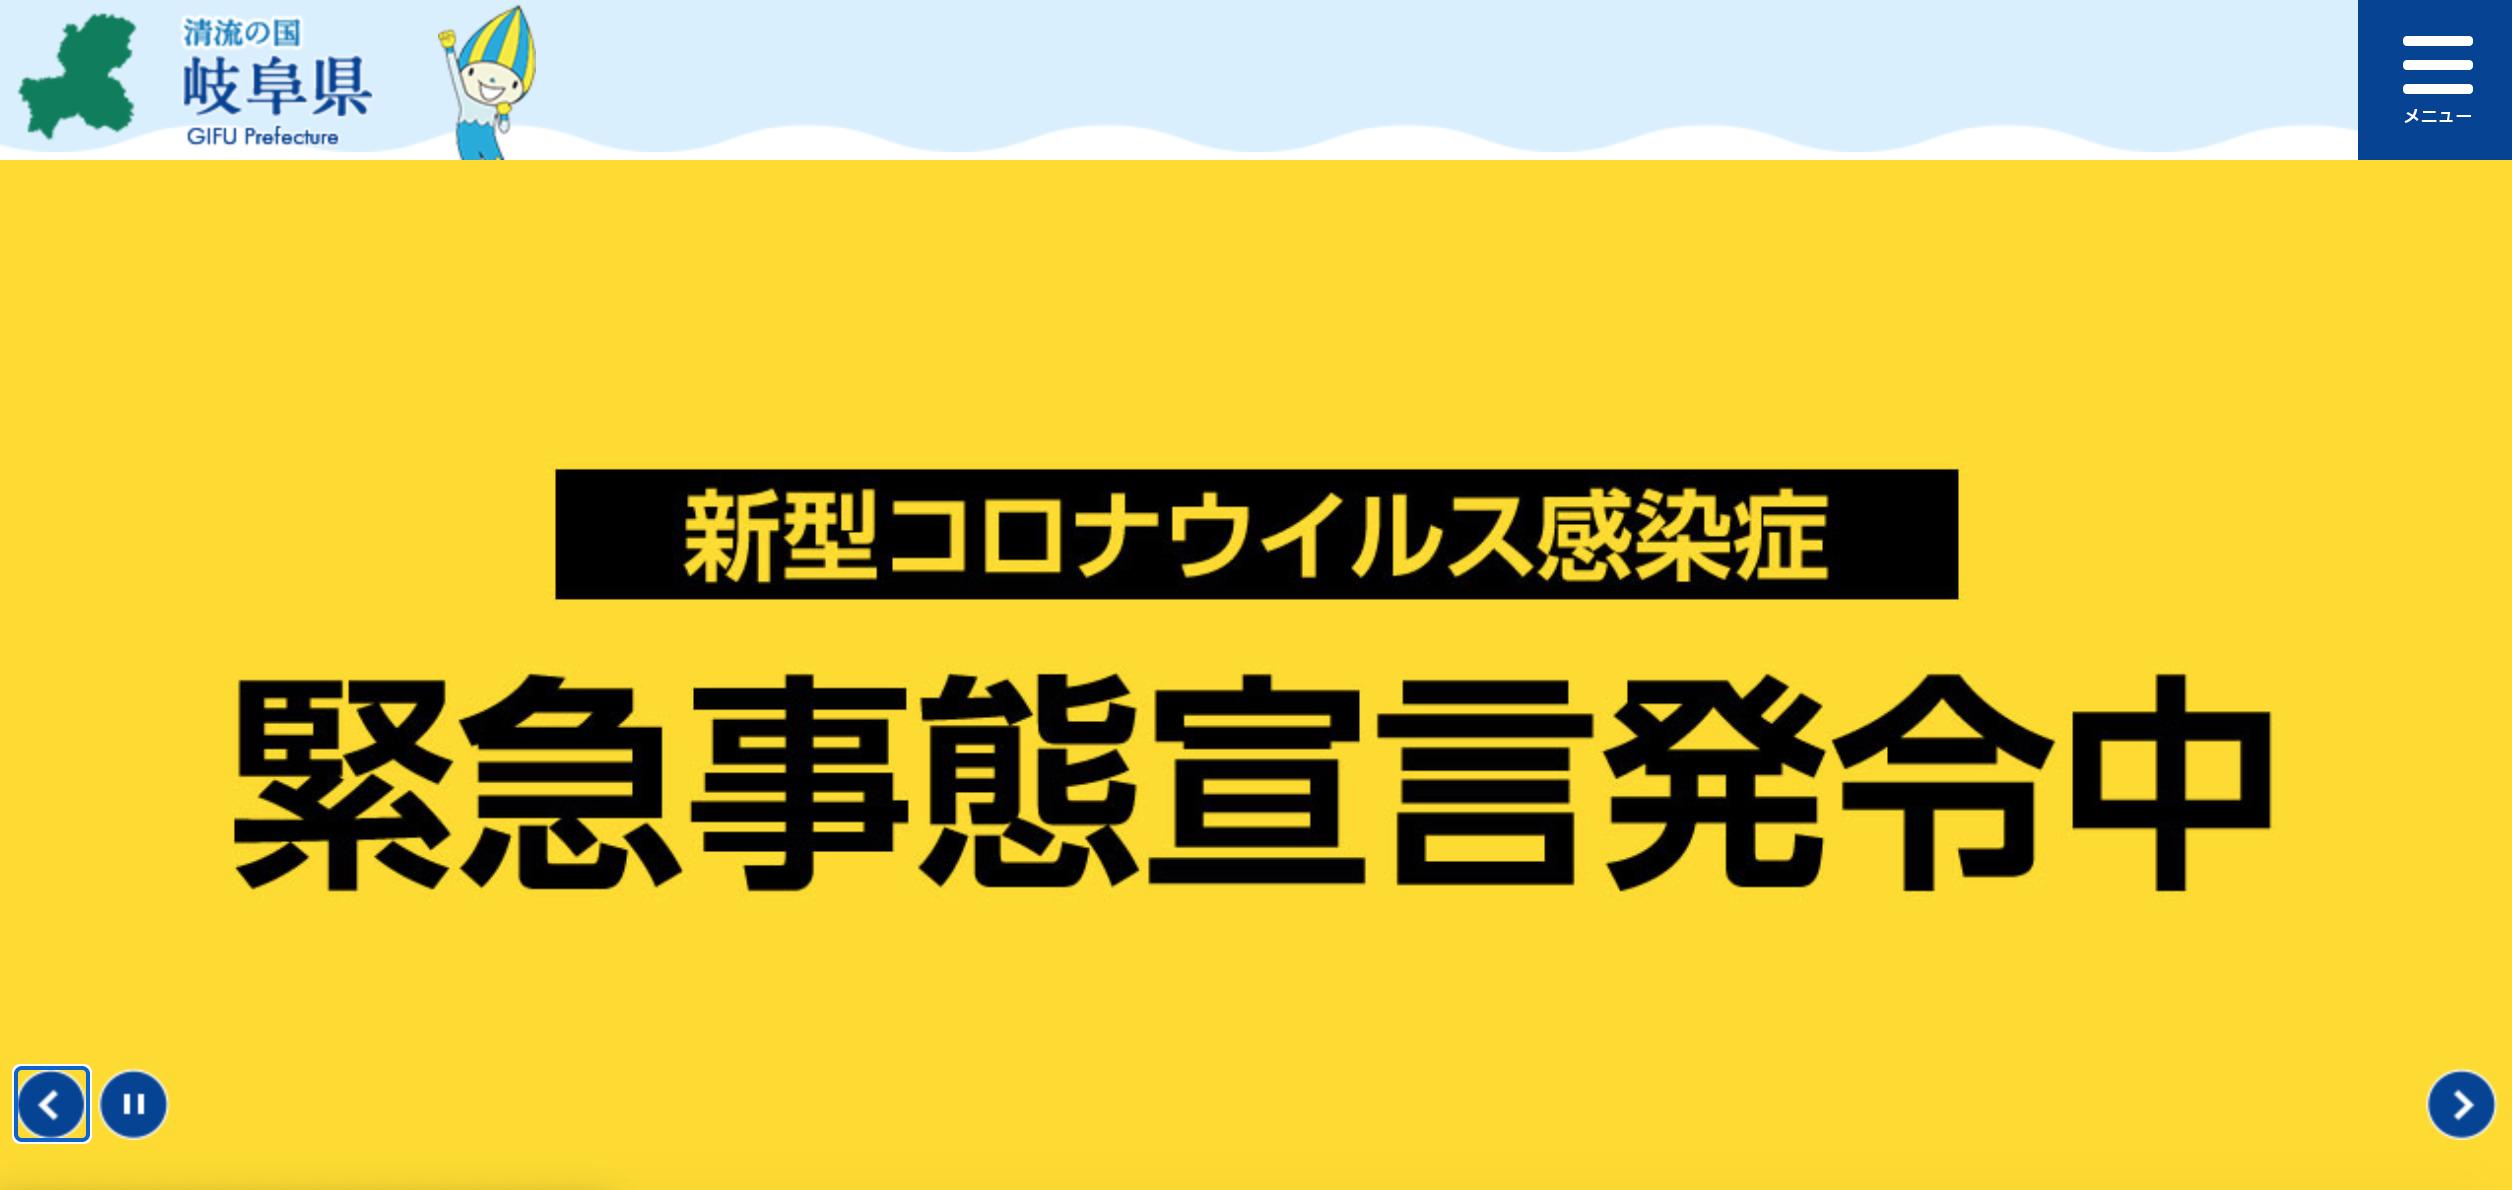 岐阜県の新型コロナウイルス感染症への対応状況